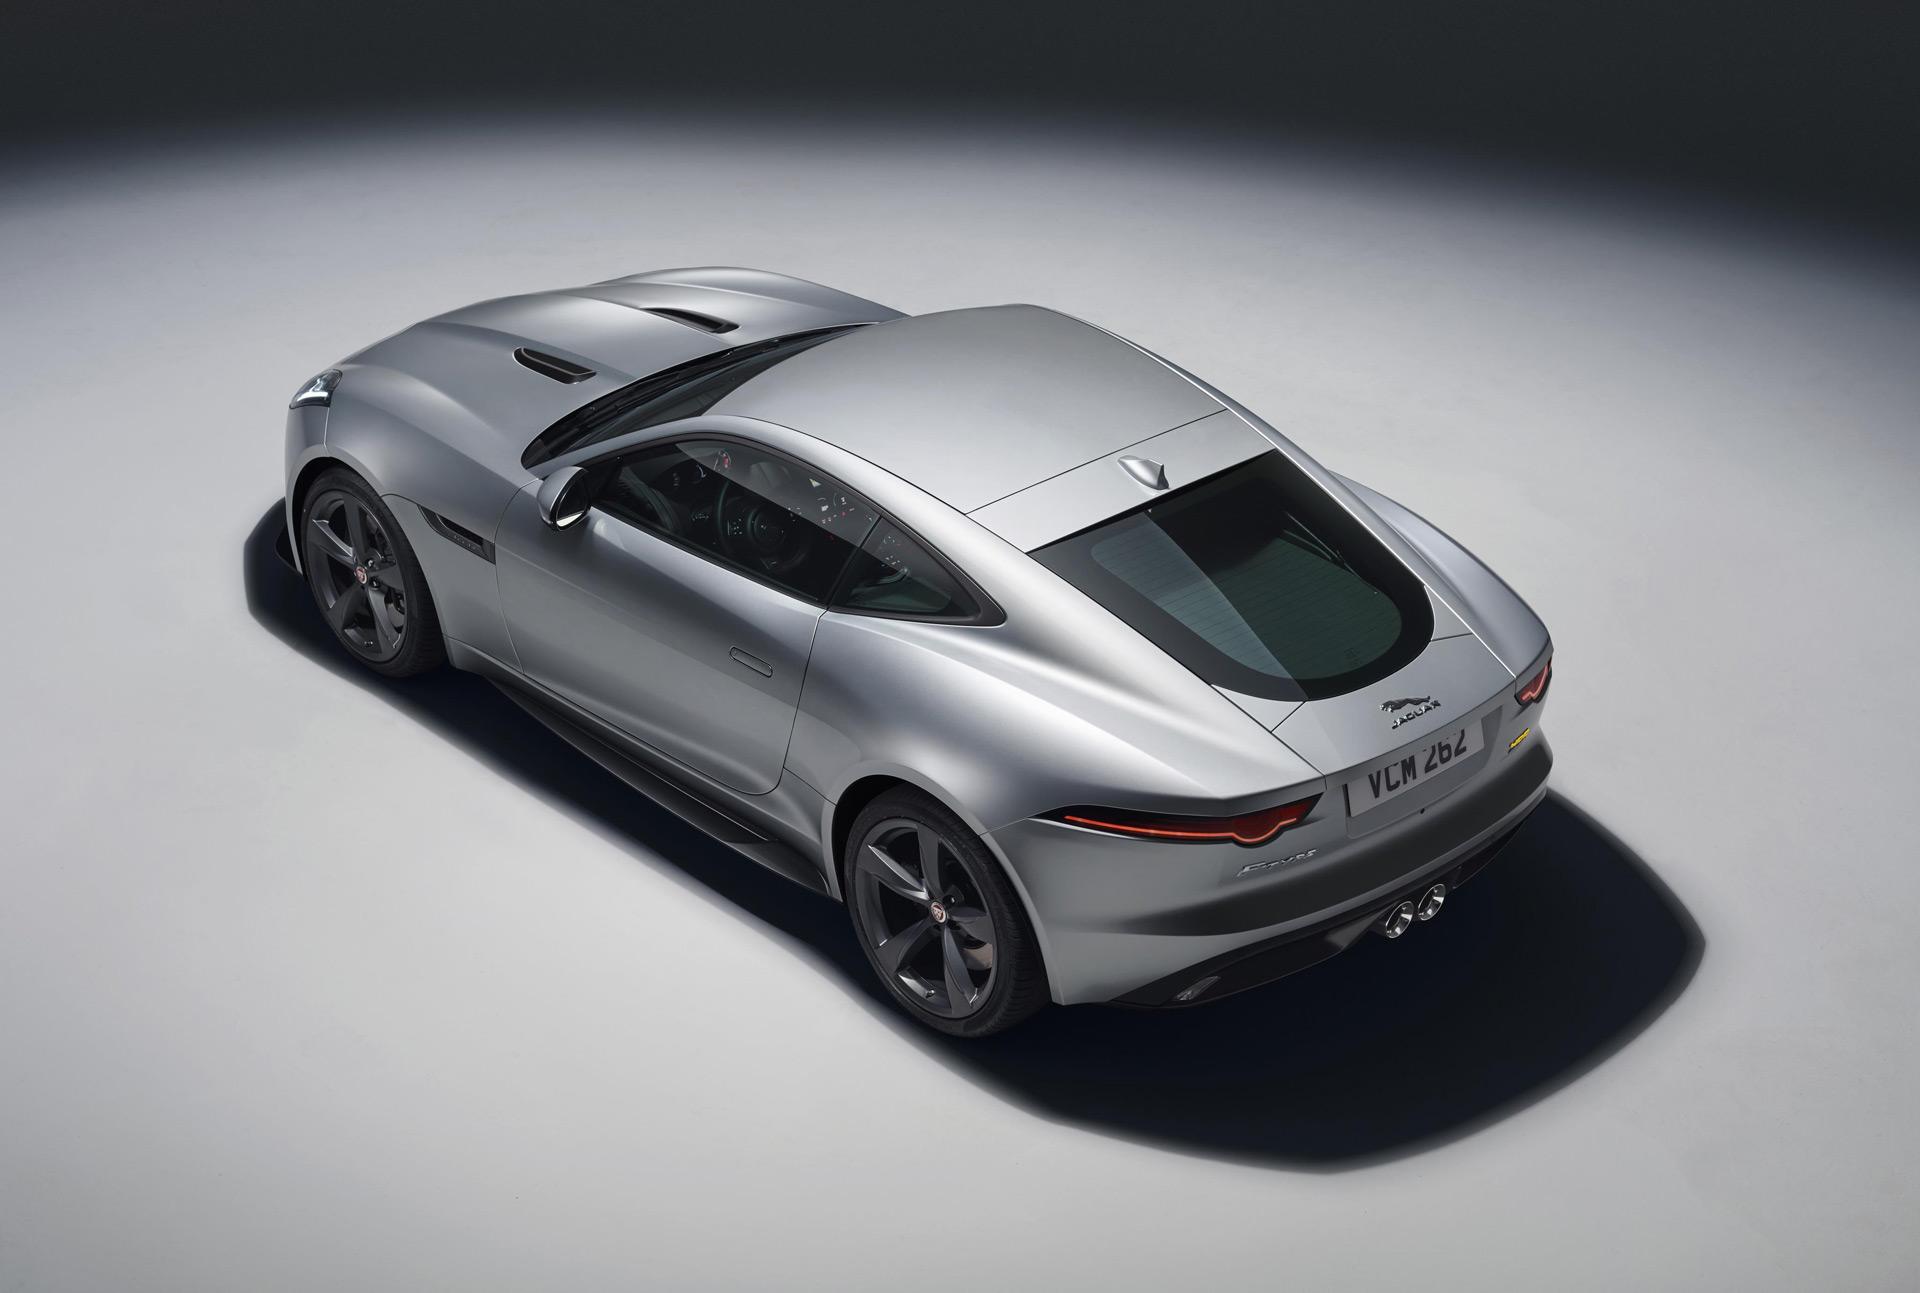 2018 Jaguar F Type Preview